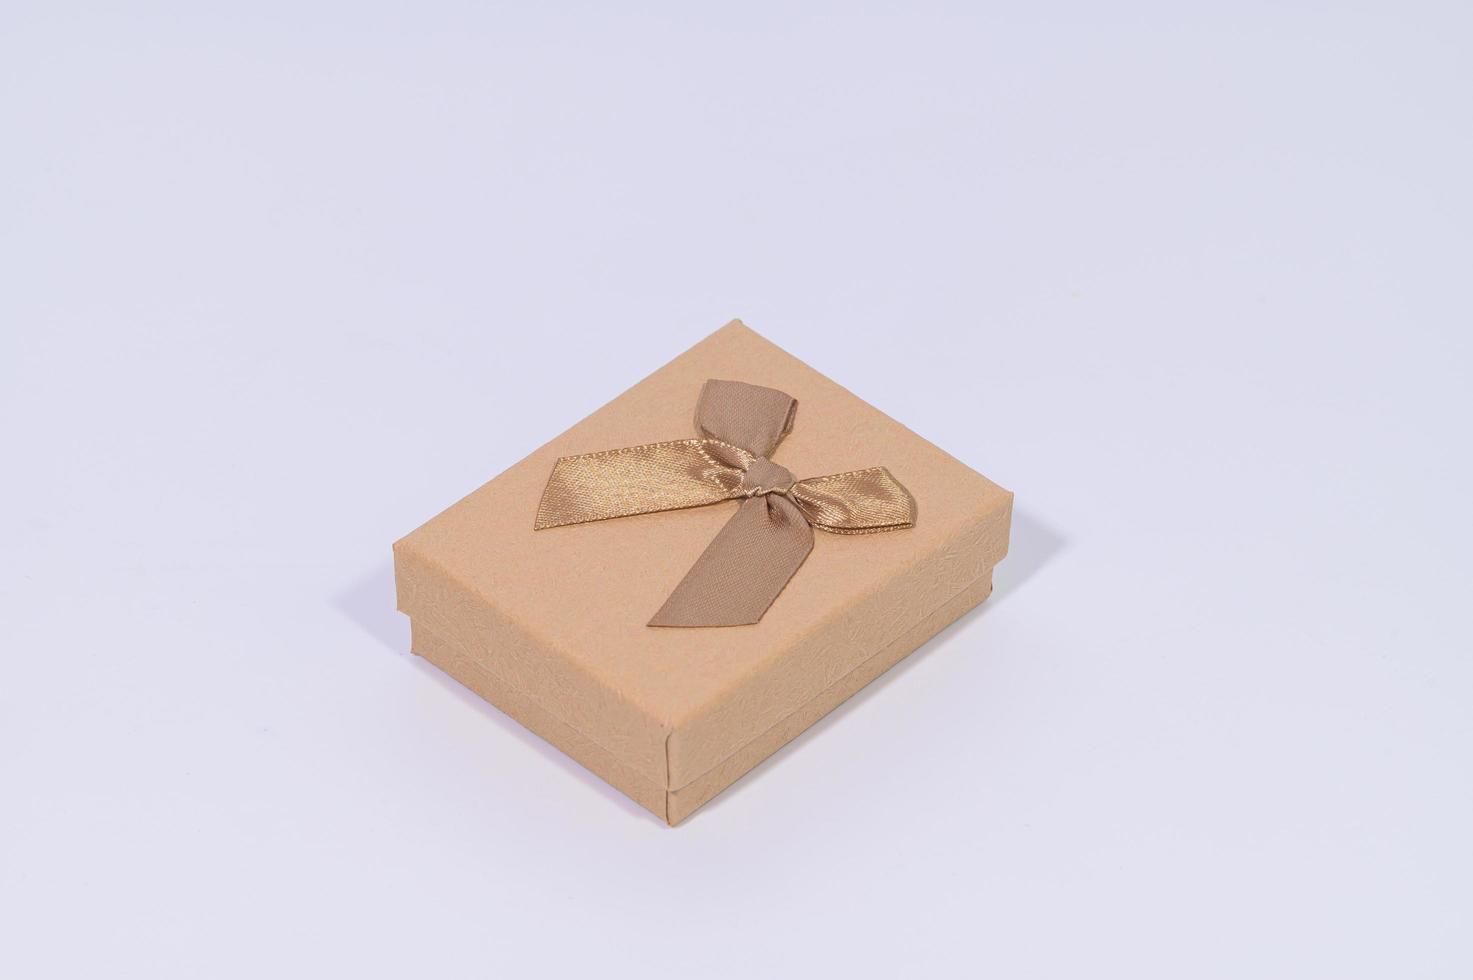 boîte cadeau marron sur fond blanc photo